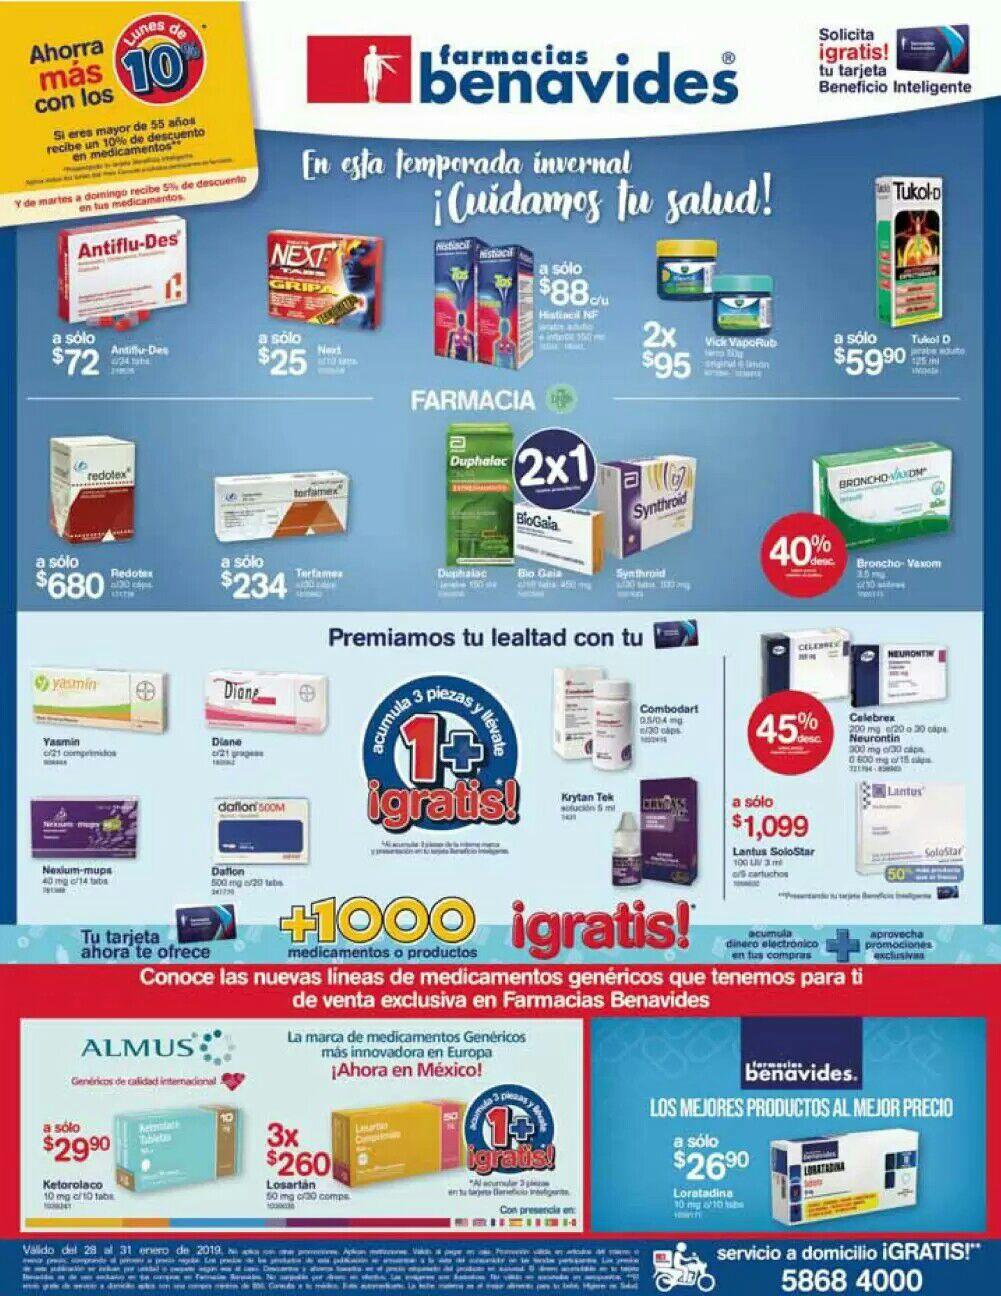 Farmacias Benavides: Ofertas del Lunes 28 al Jueves 31 de Enero